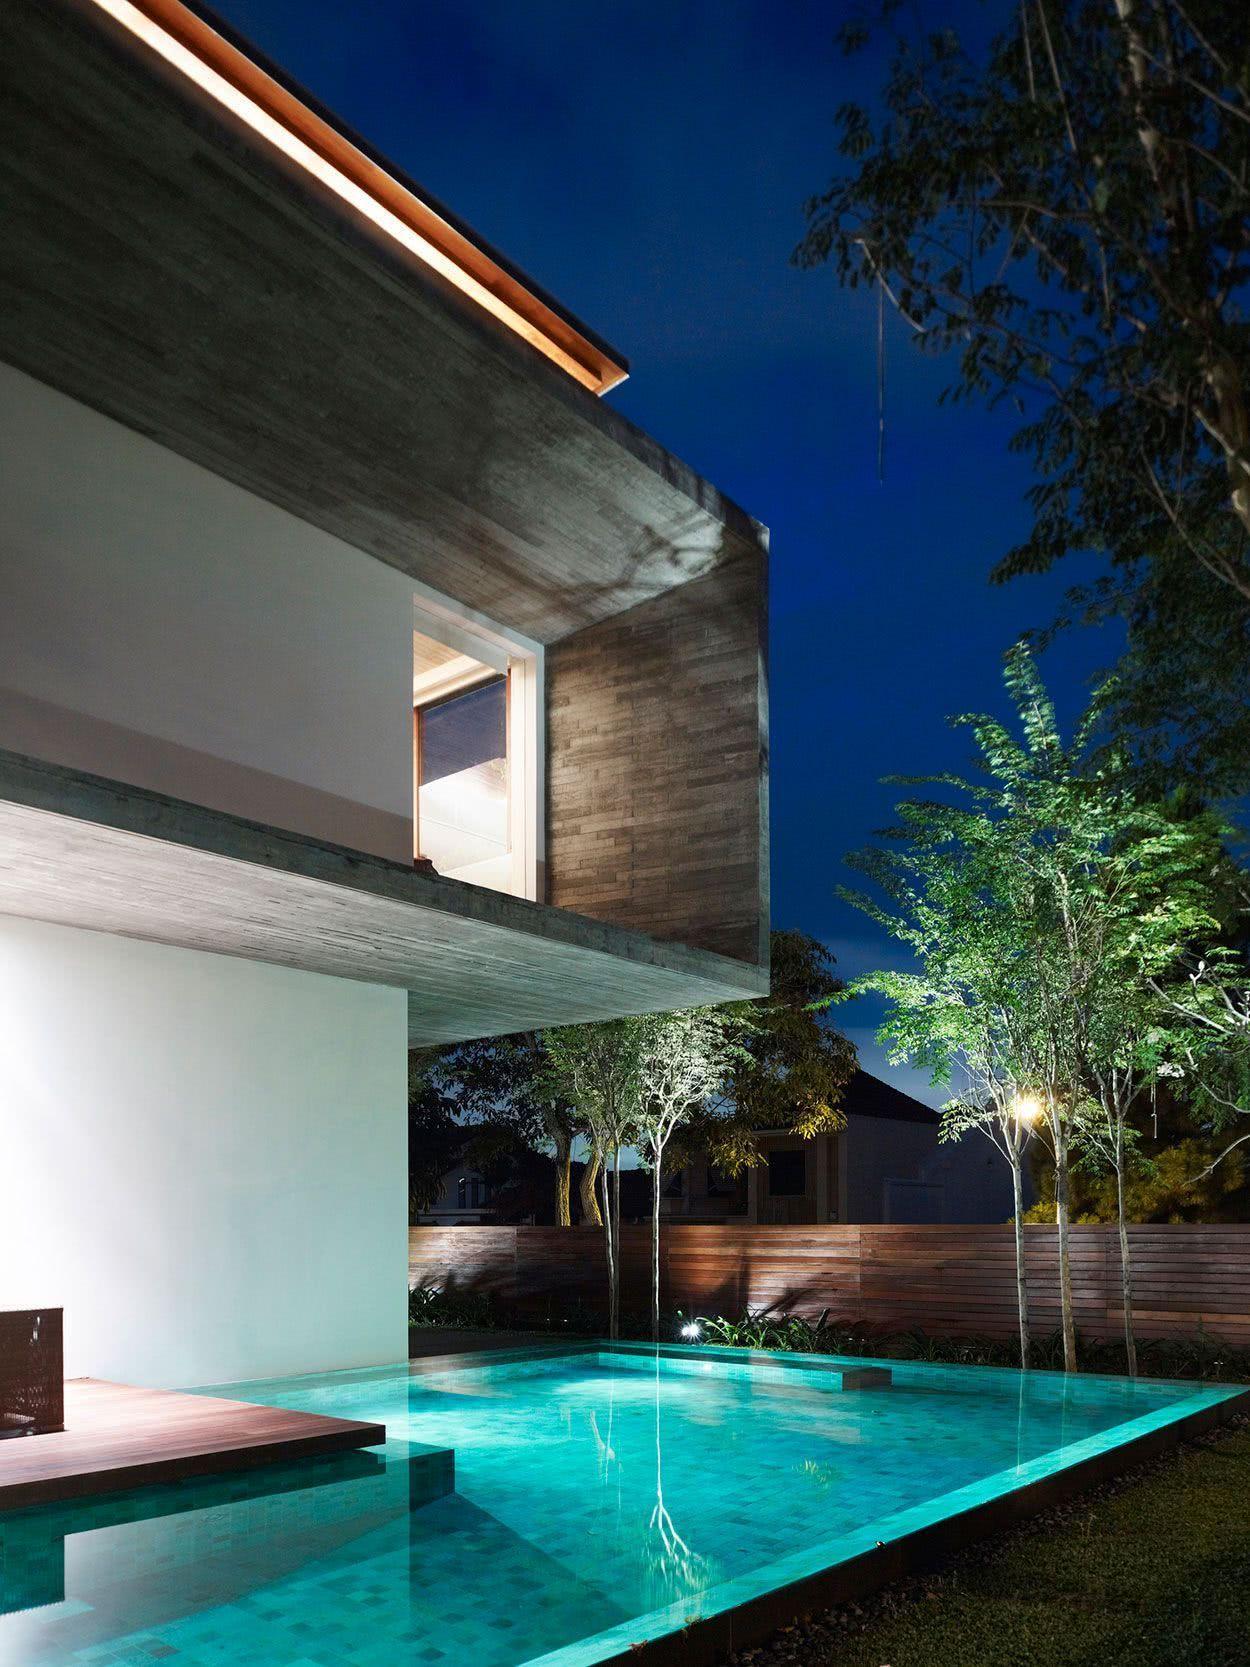 La piscine sur un terrain plat a une proposition d'architecture différente.